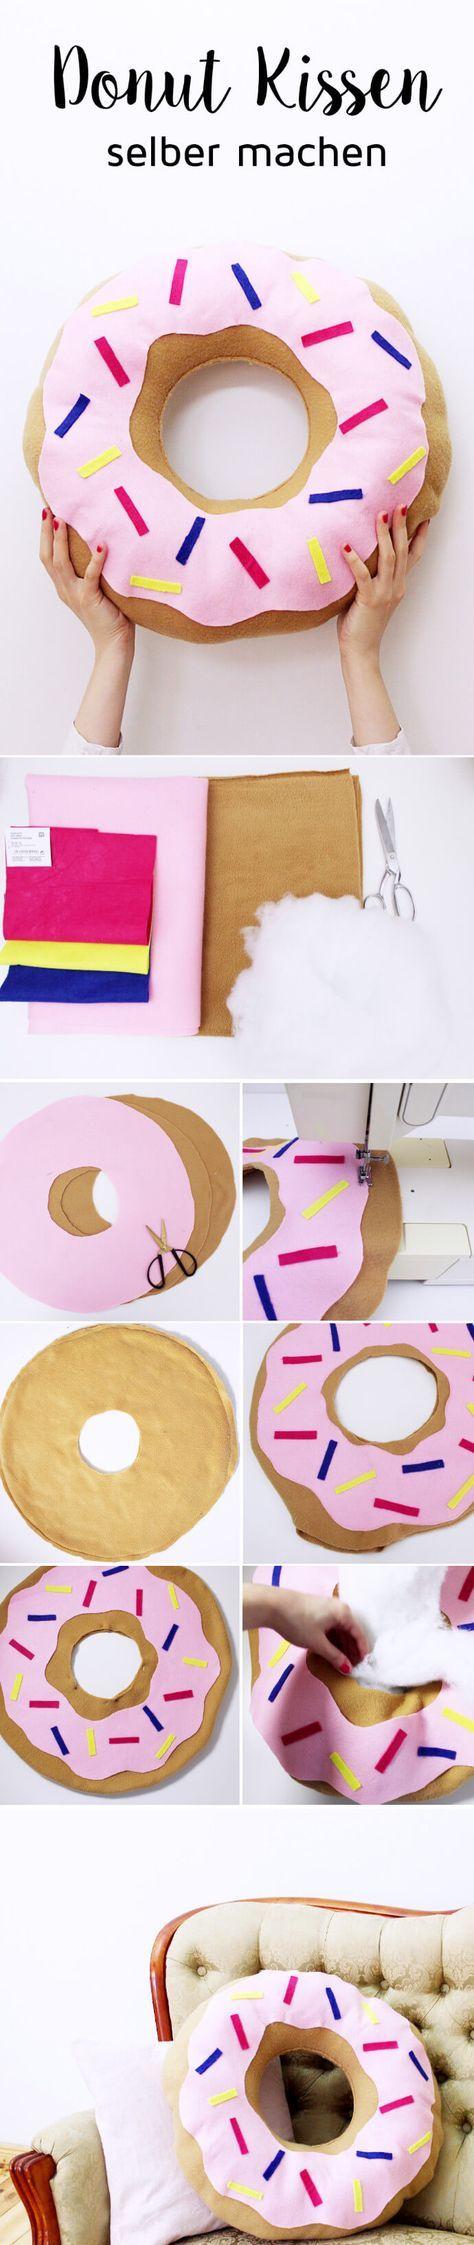 DIY Donut Kissen selber machen: Variante mit und ohne Nähen! #fallnature